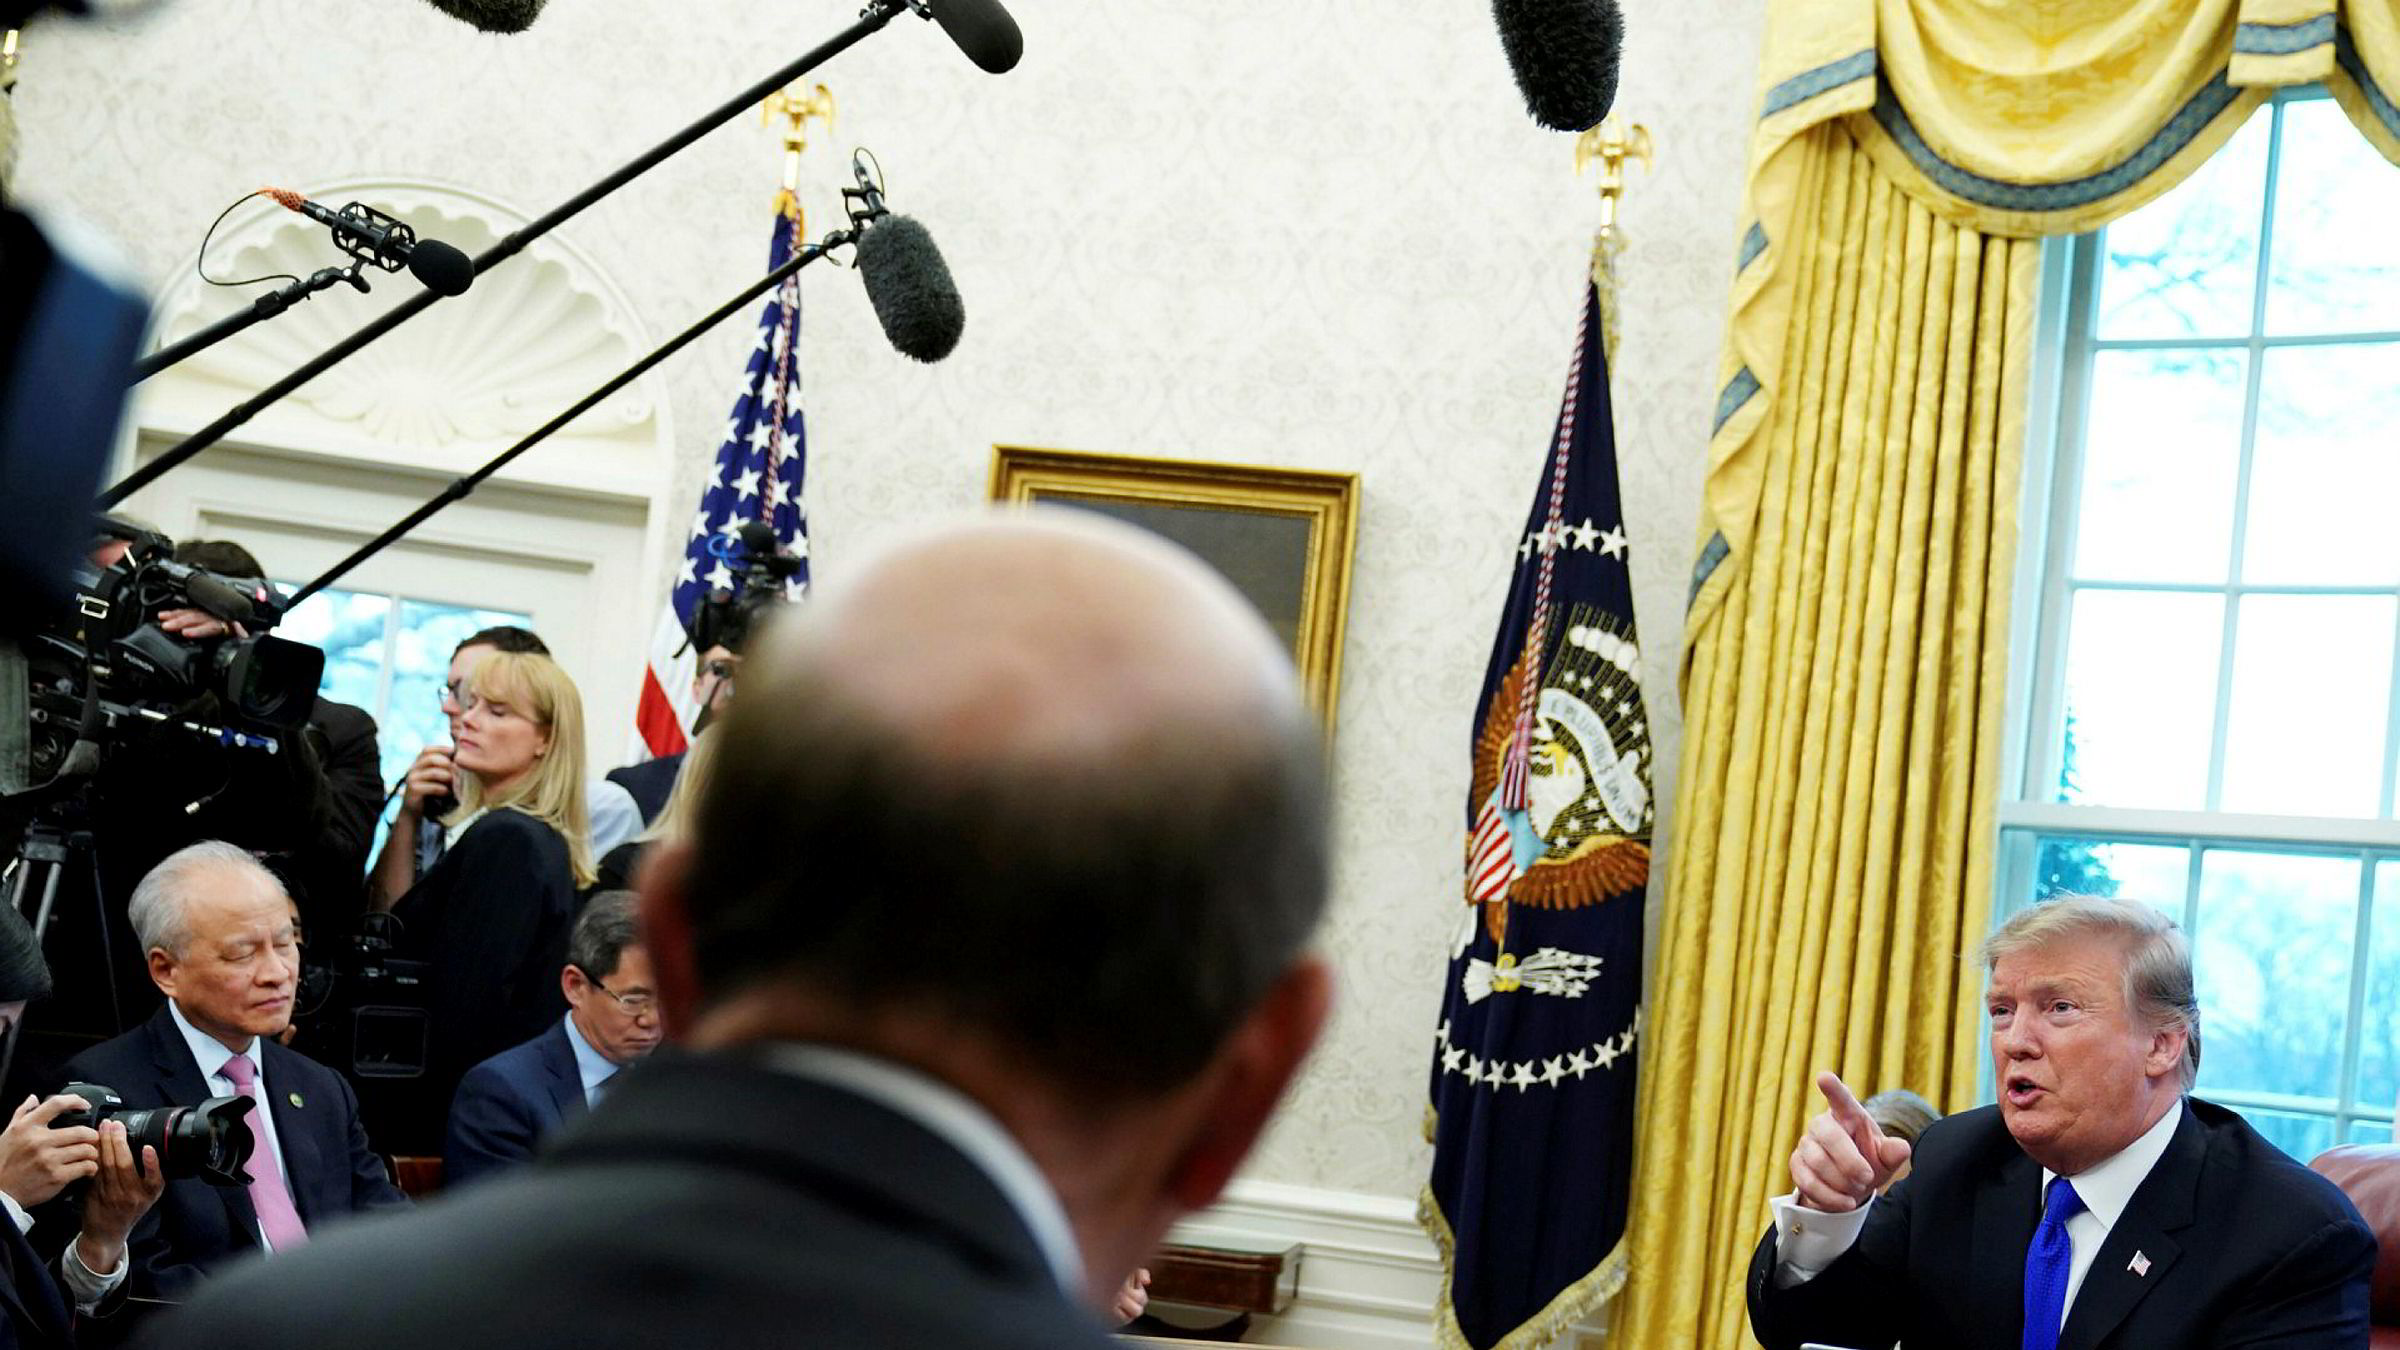 Kinas USA-ambassadør Cui Tiankai (til venstre) er kritisk til hva han mener er farlig retorikk. Her under et møte med USA-president Donald Trump i Det hvite hus i februar i år.